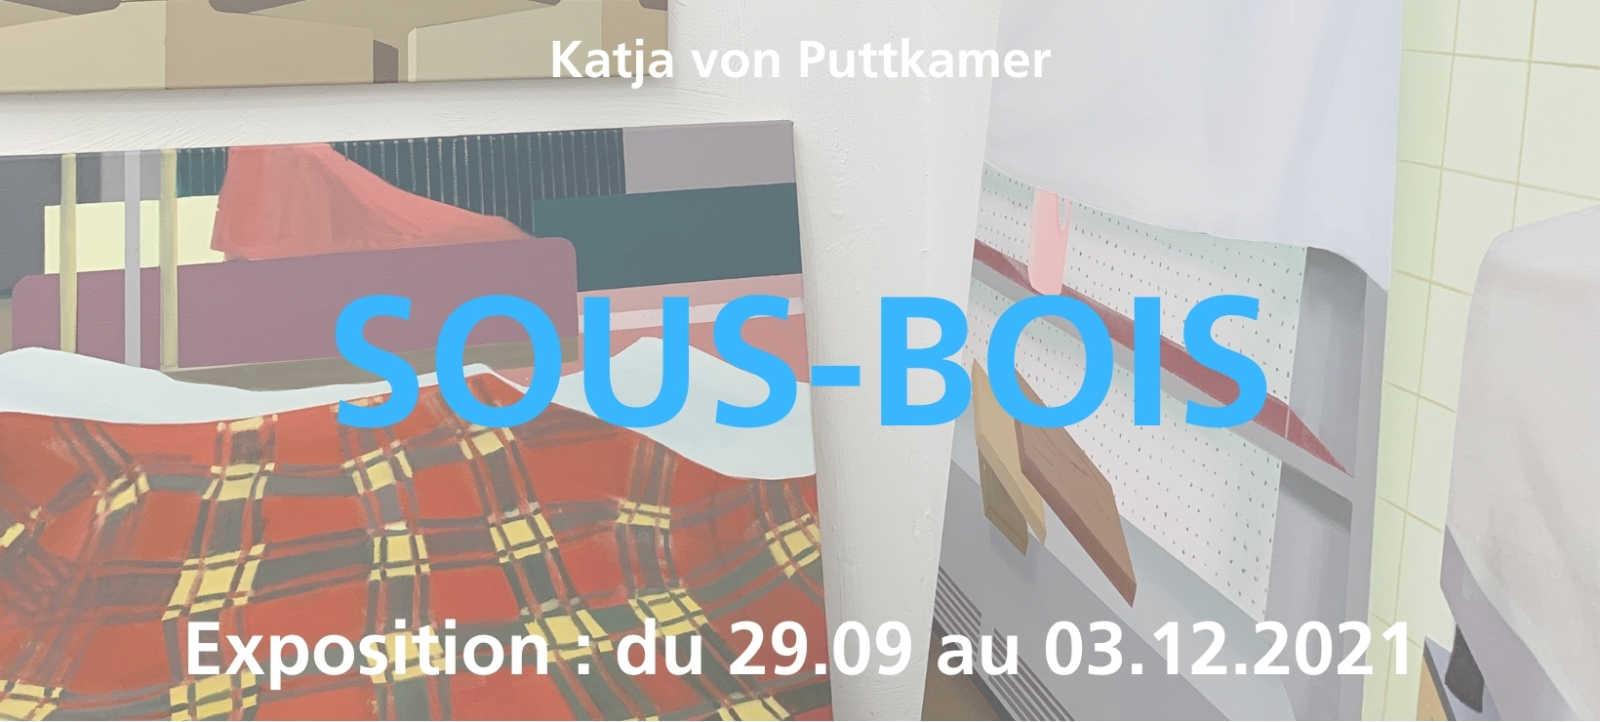 Du 29 septembre au 3 décembre 2021 : Exposition Katja Von Puttkamer – Sous-Bois